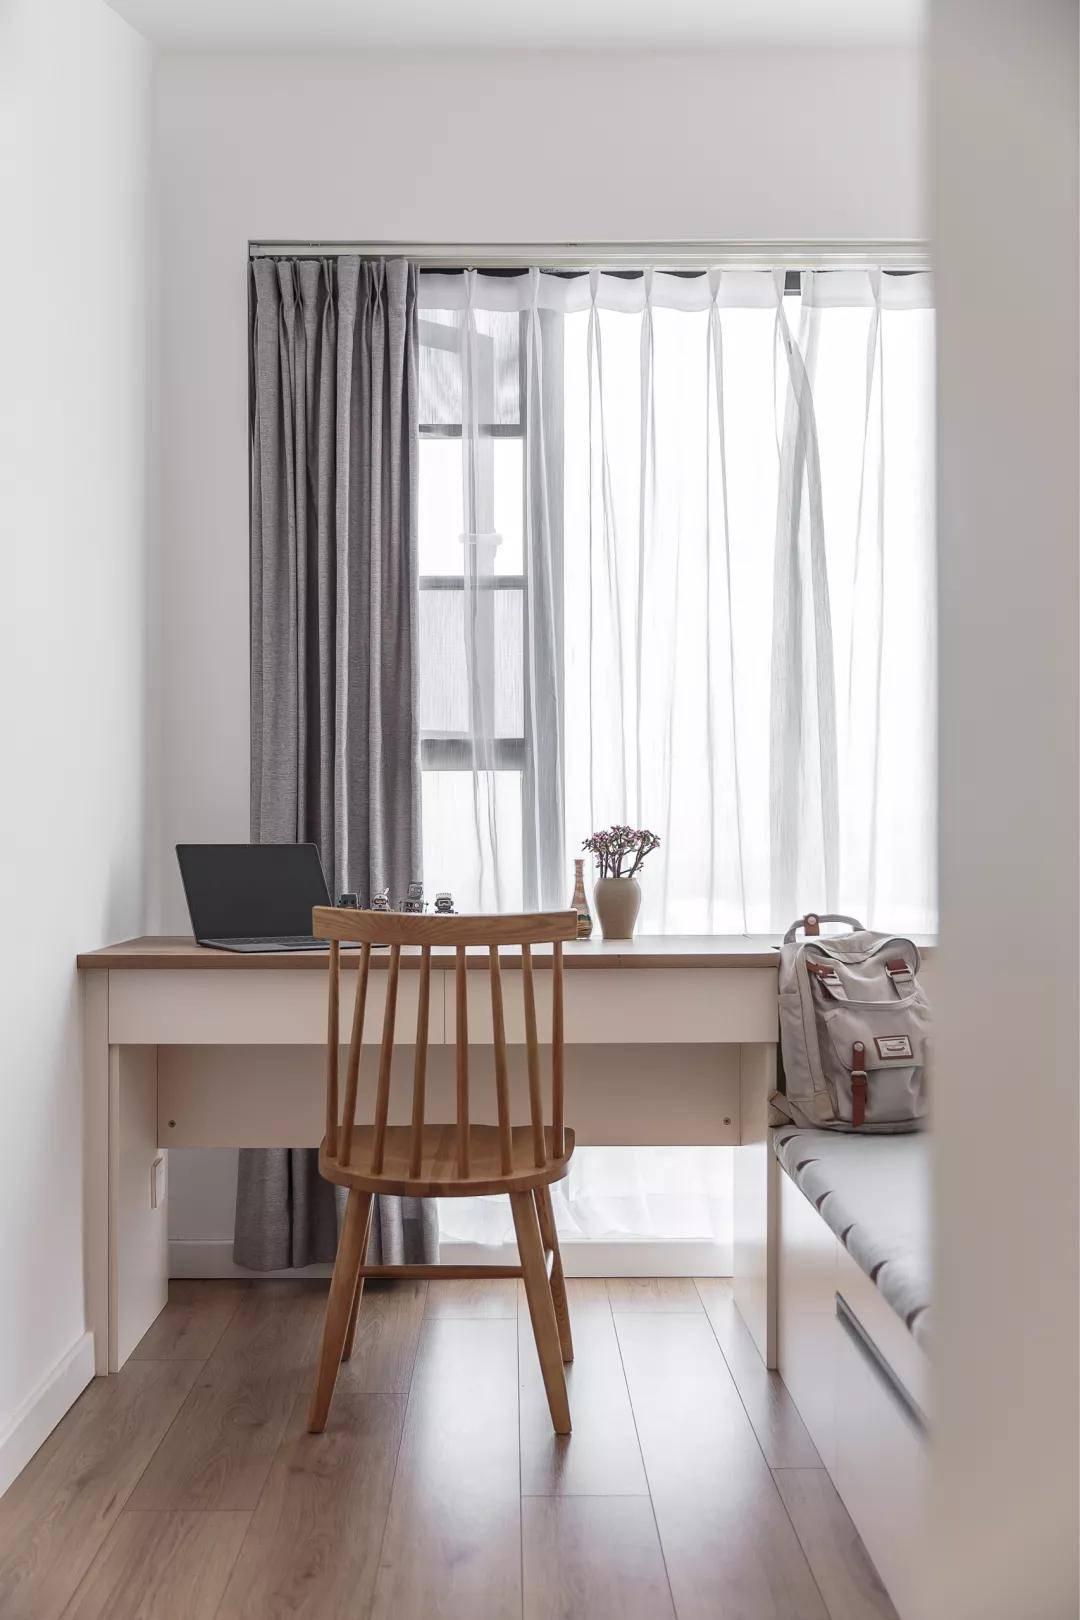 95㎡现代日式风三居,主卧带衣帽间+书房,收纳设计满分!